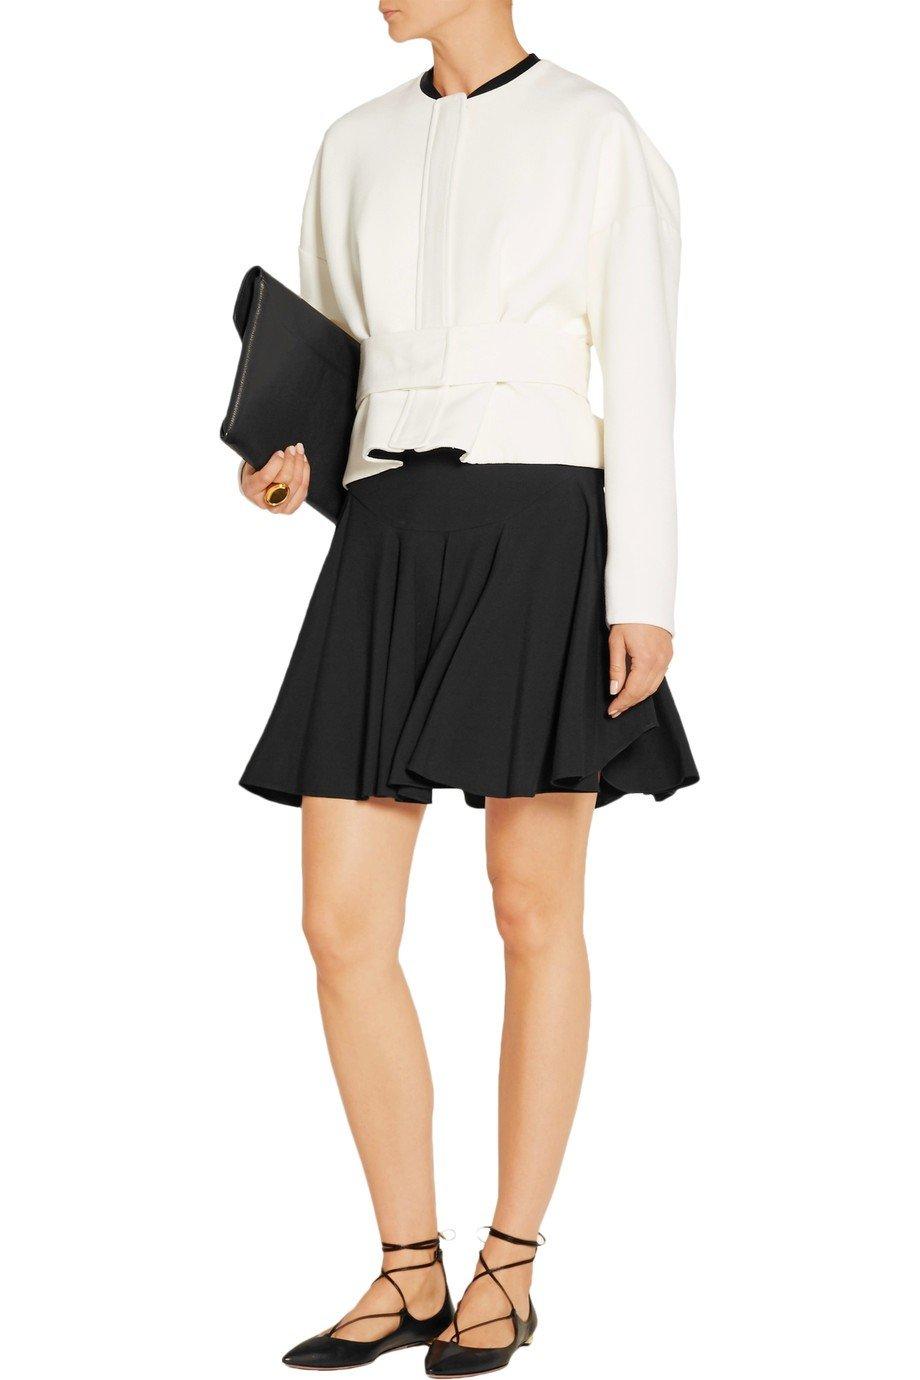 стильный белый укороченный пиджак женский 2018 фото новинки